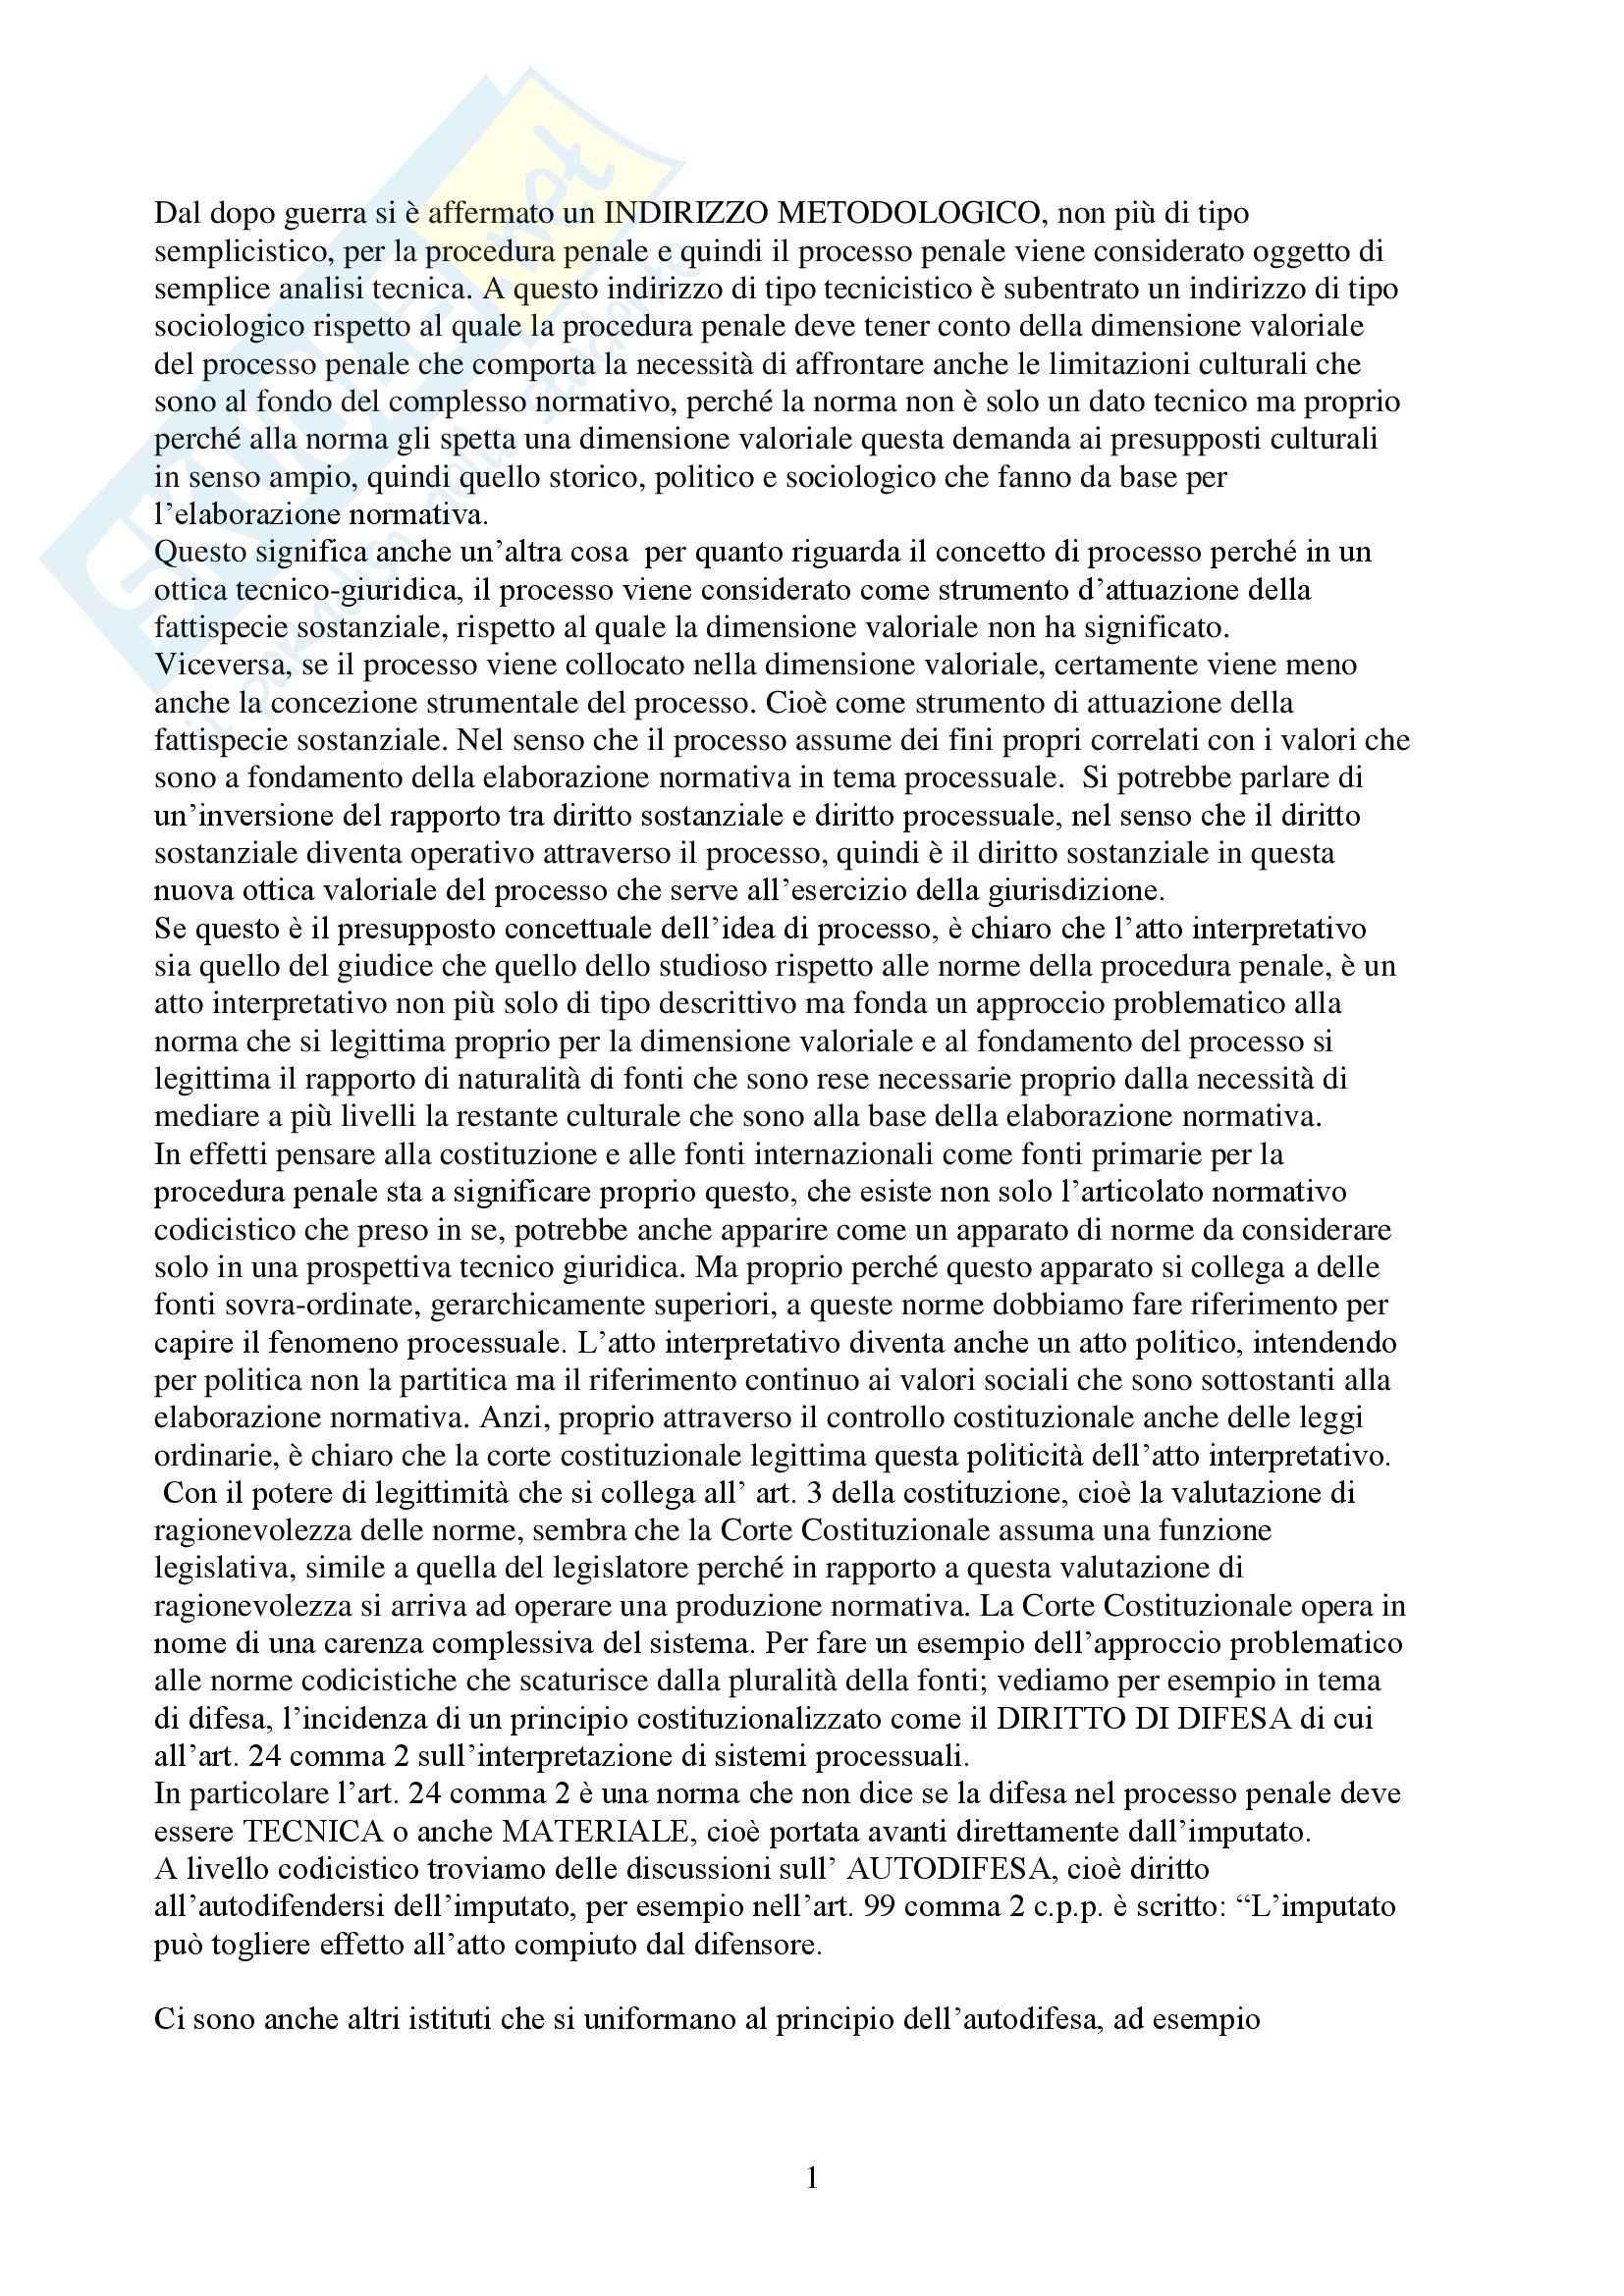 Procedura penale - Riassunto esame, prof. Menna